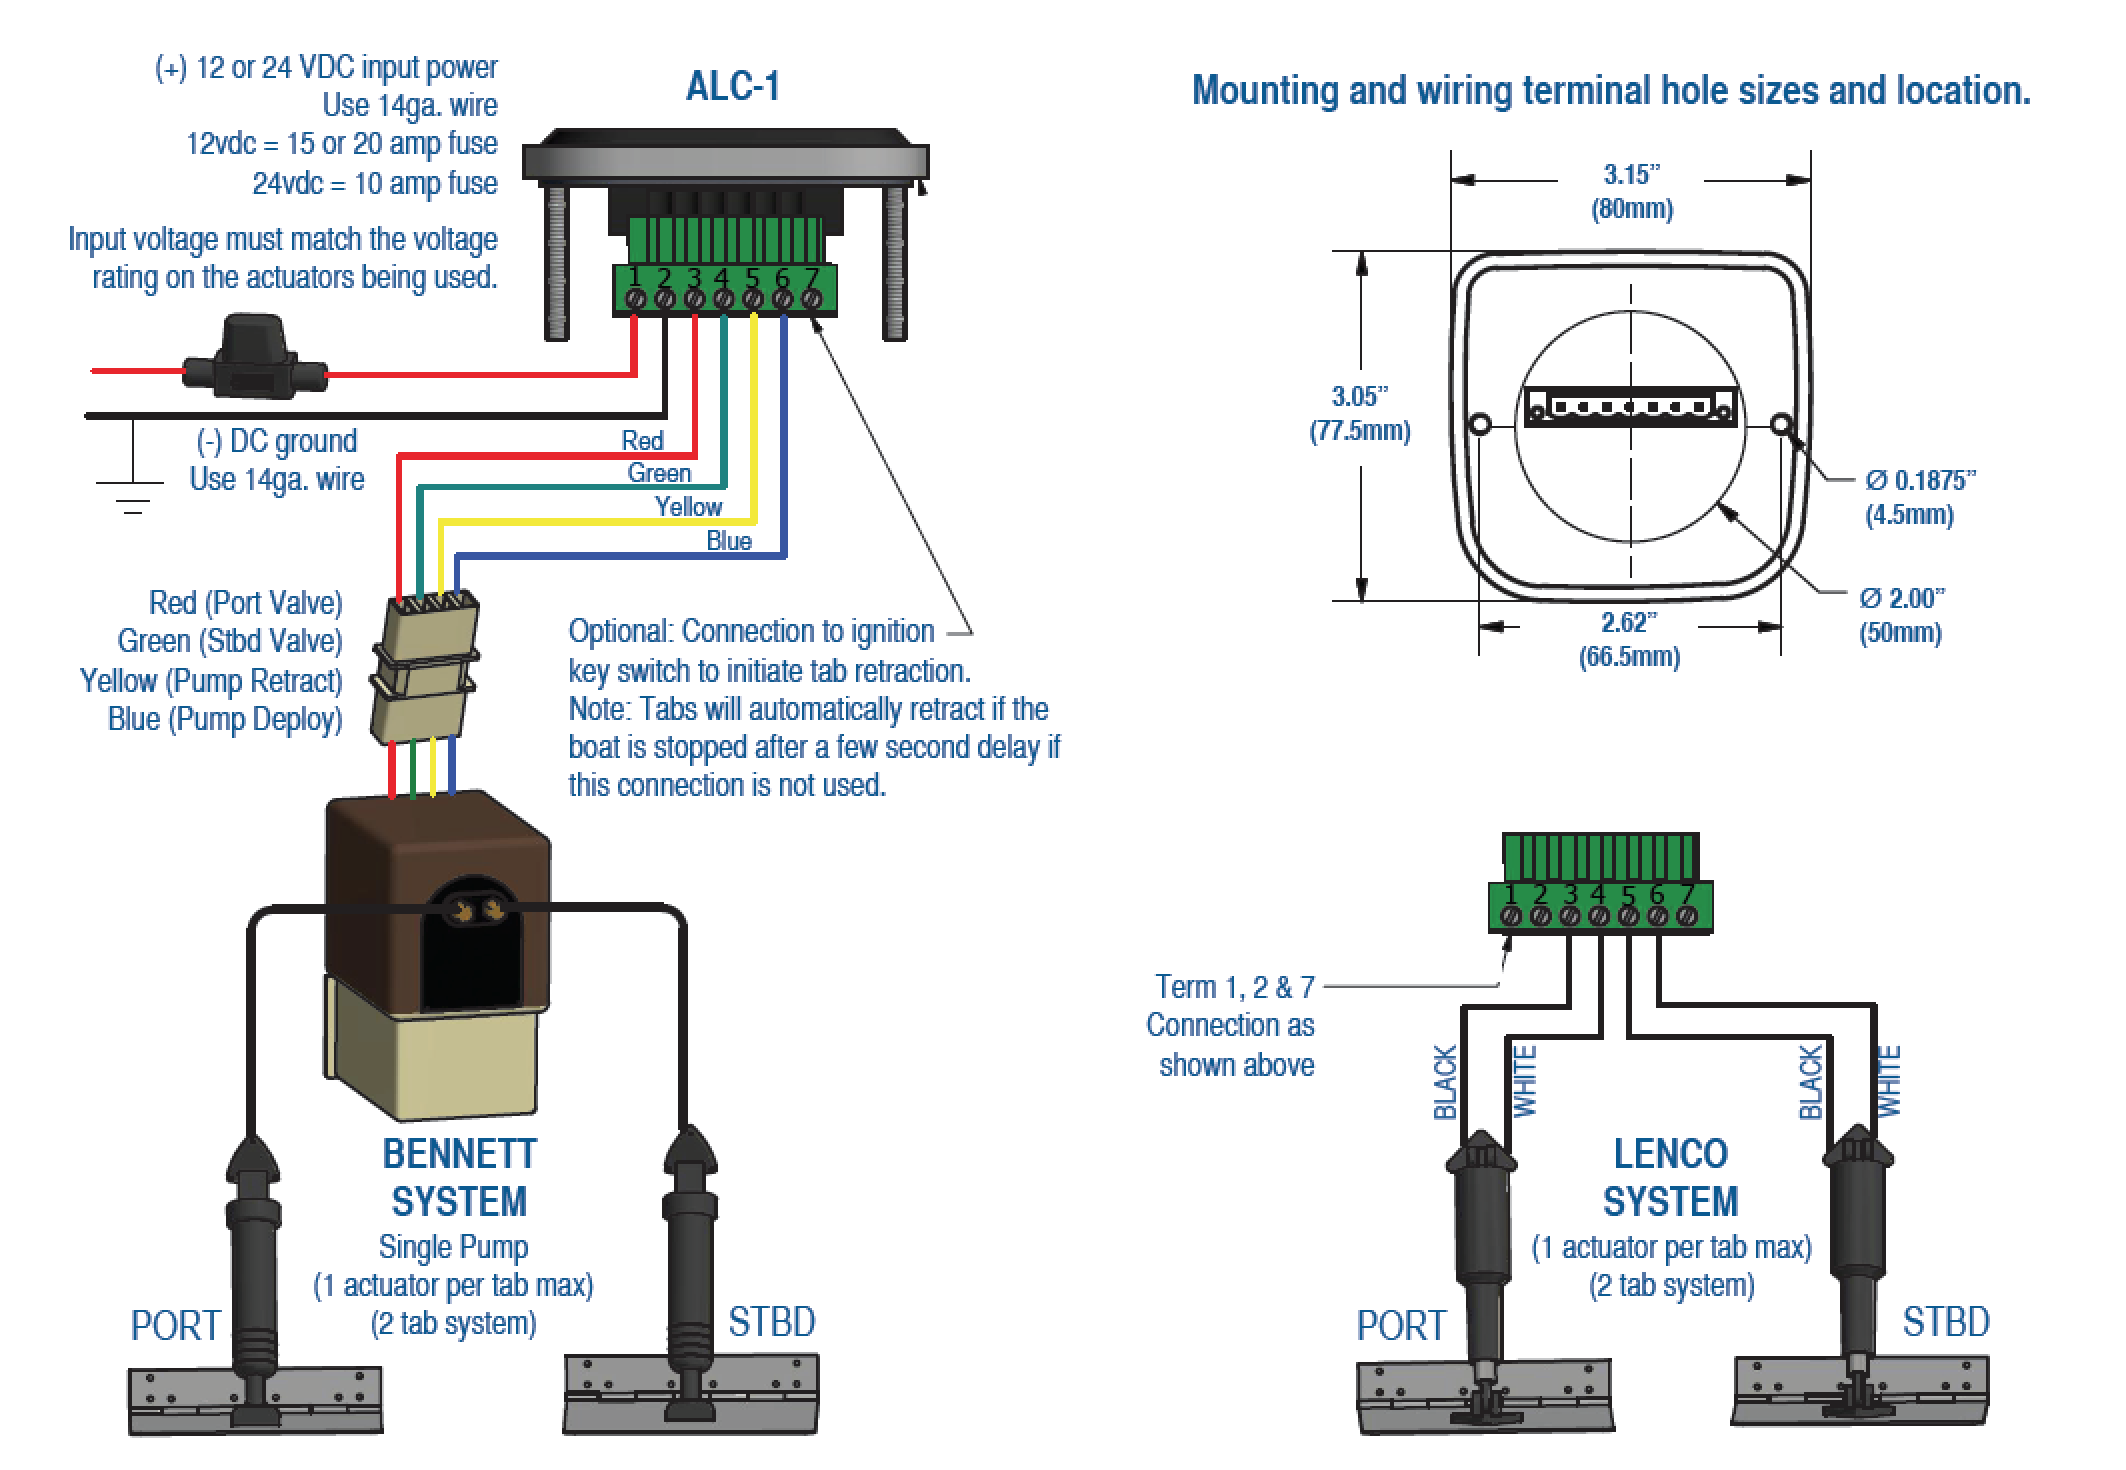 boat leveler wiring diagram dr 0868  boat leveler wiring diagram  dr 0868  boat leveler wiring diagram